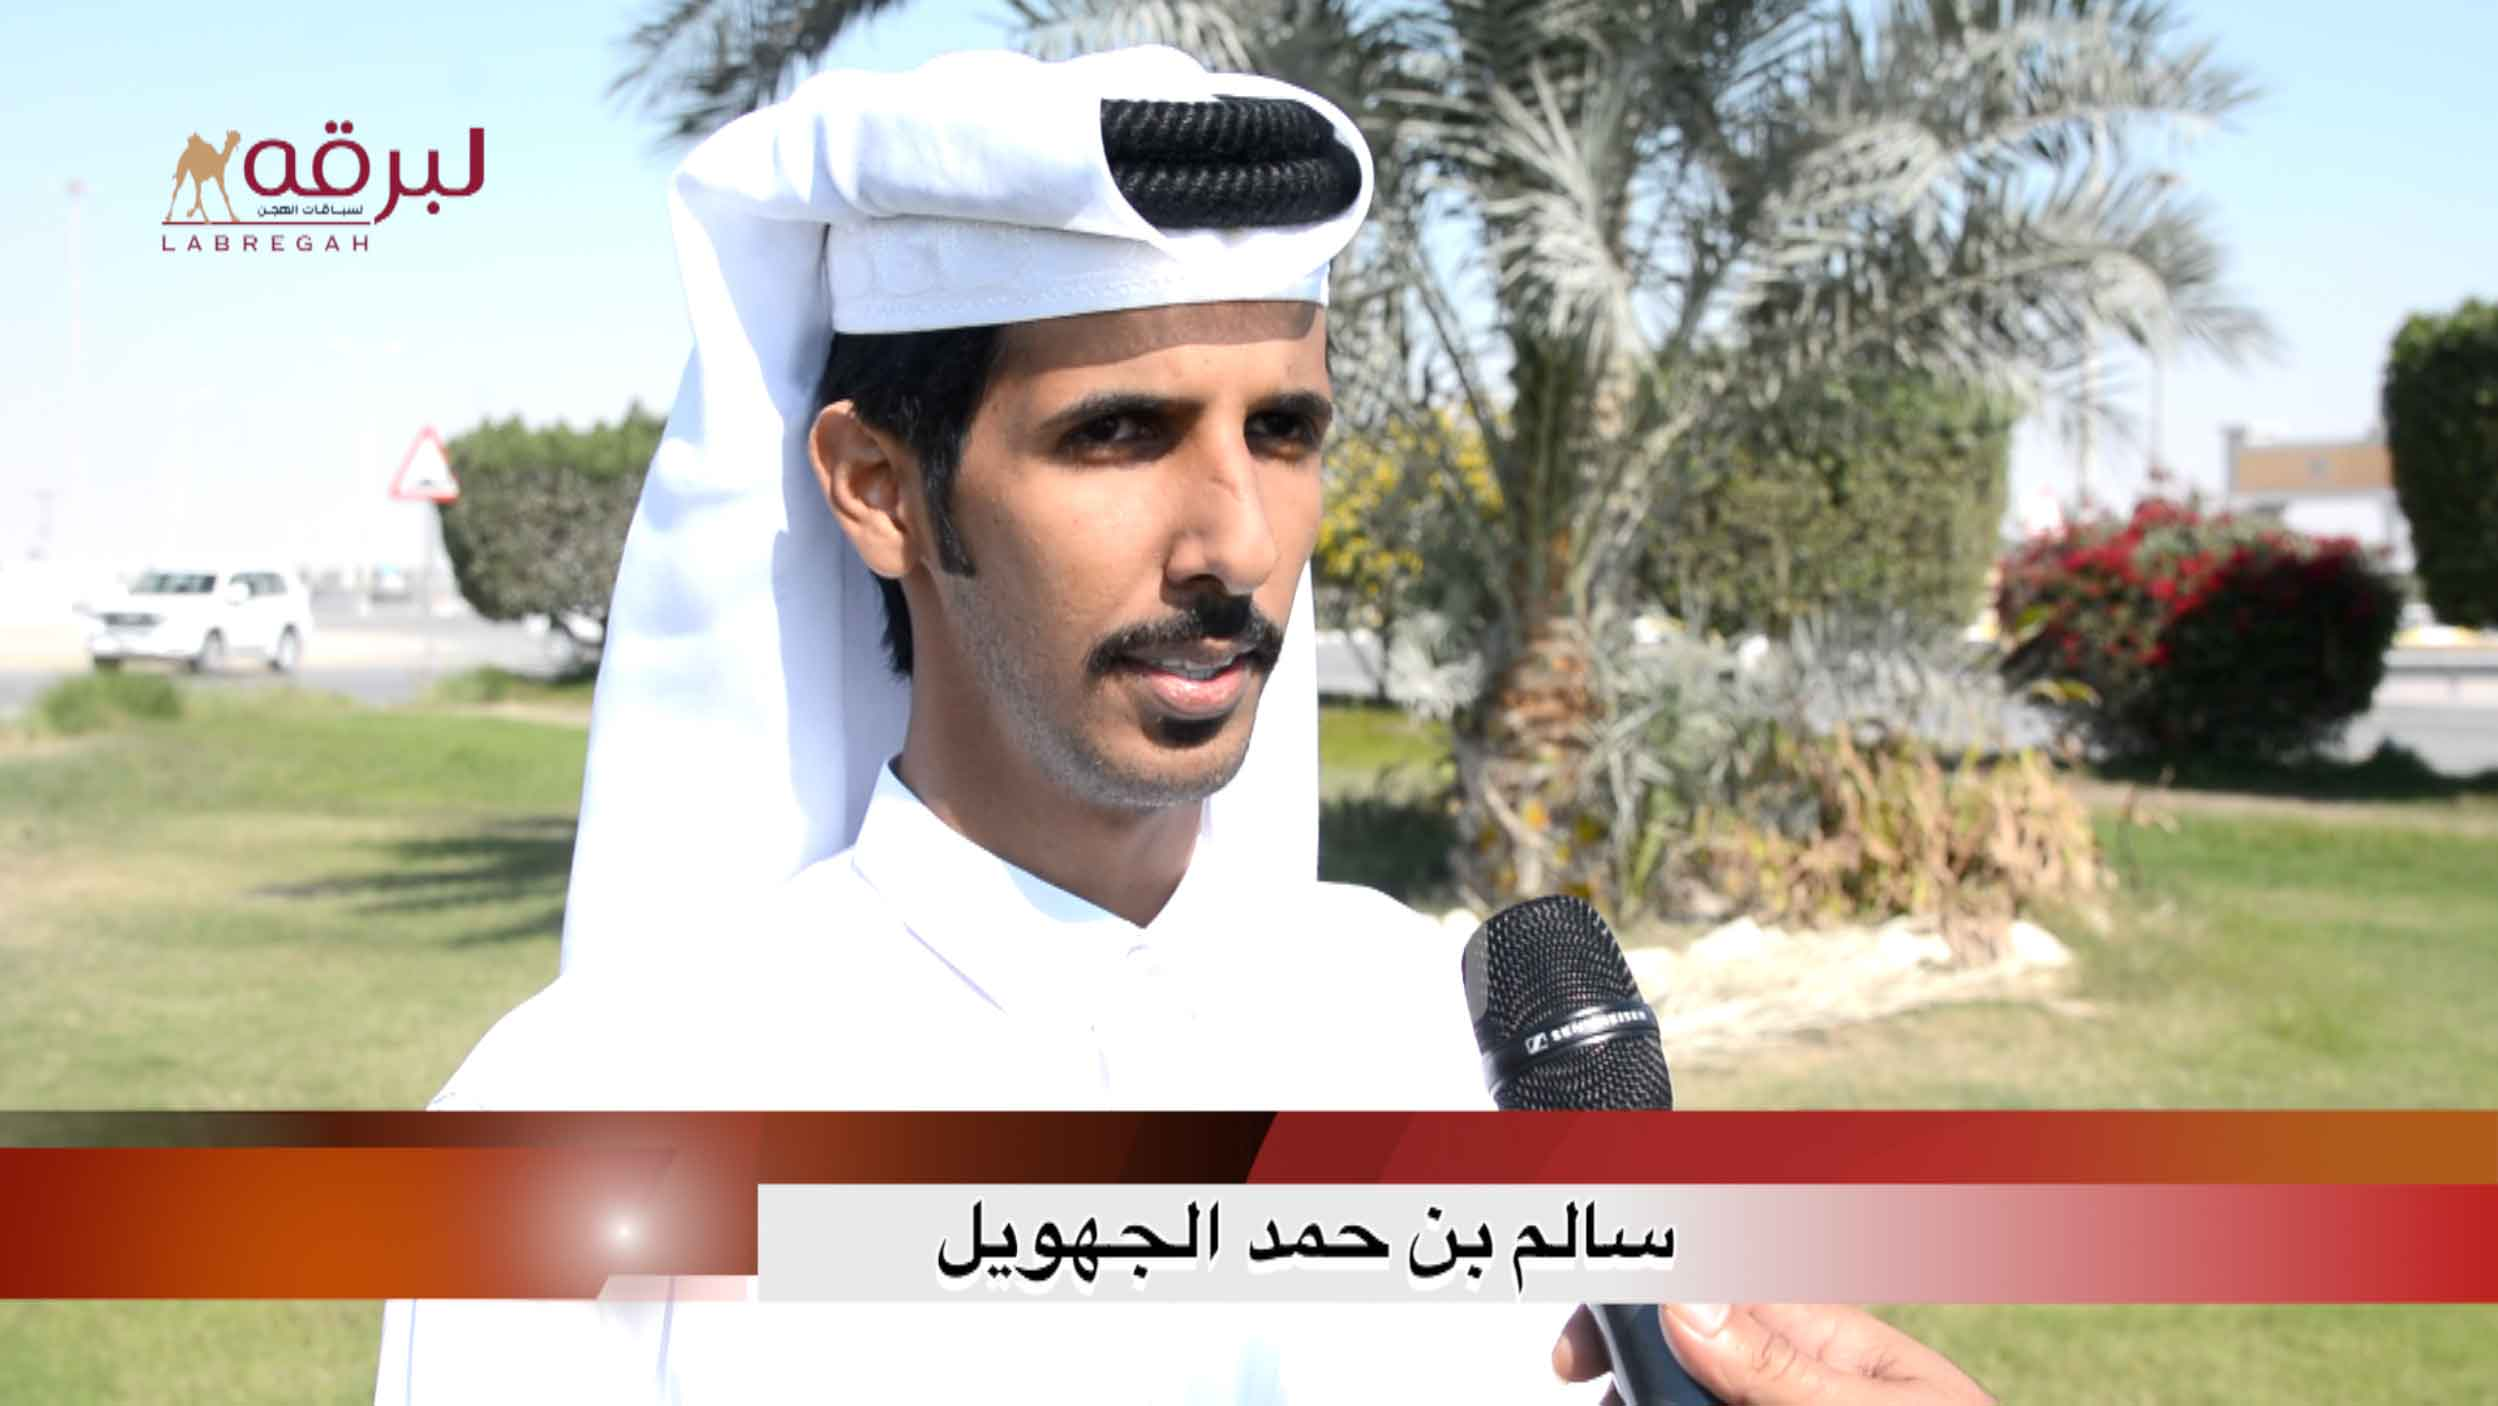 لقاء مع سالم بن حمد الجهويل.. الشوط الرئيسي جذاع بكار « مفتوح » الأشواط العامة  ٢٧-٢-٢٠٢١